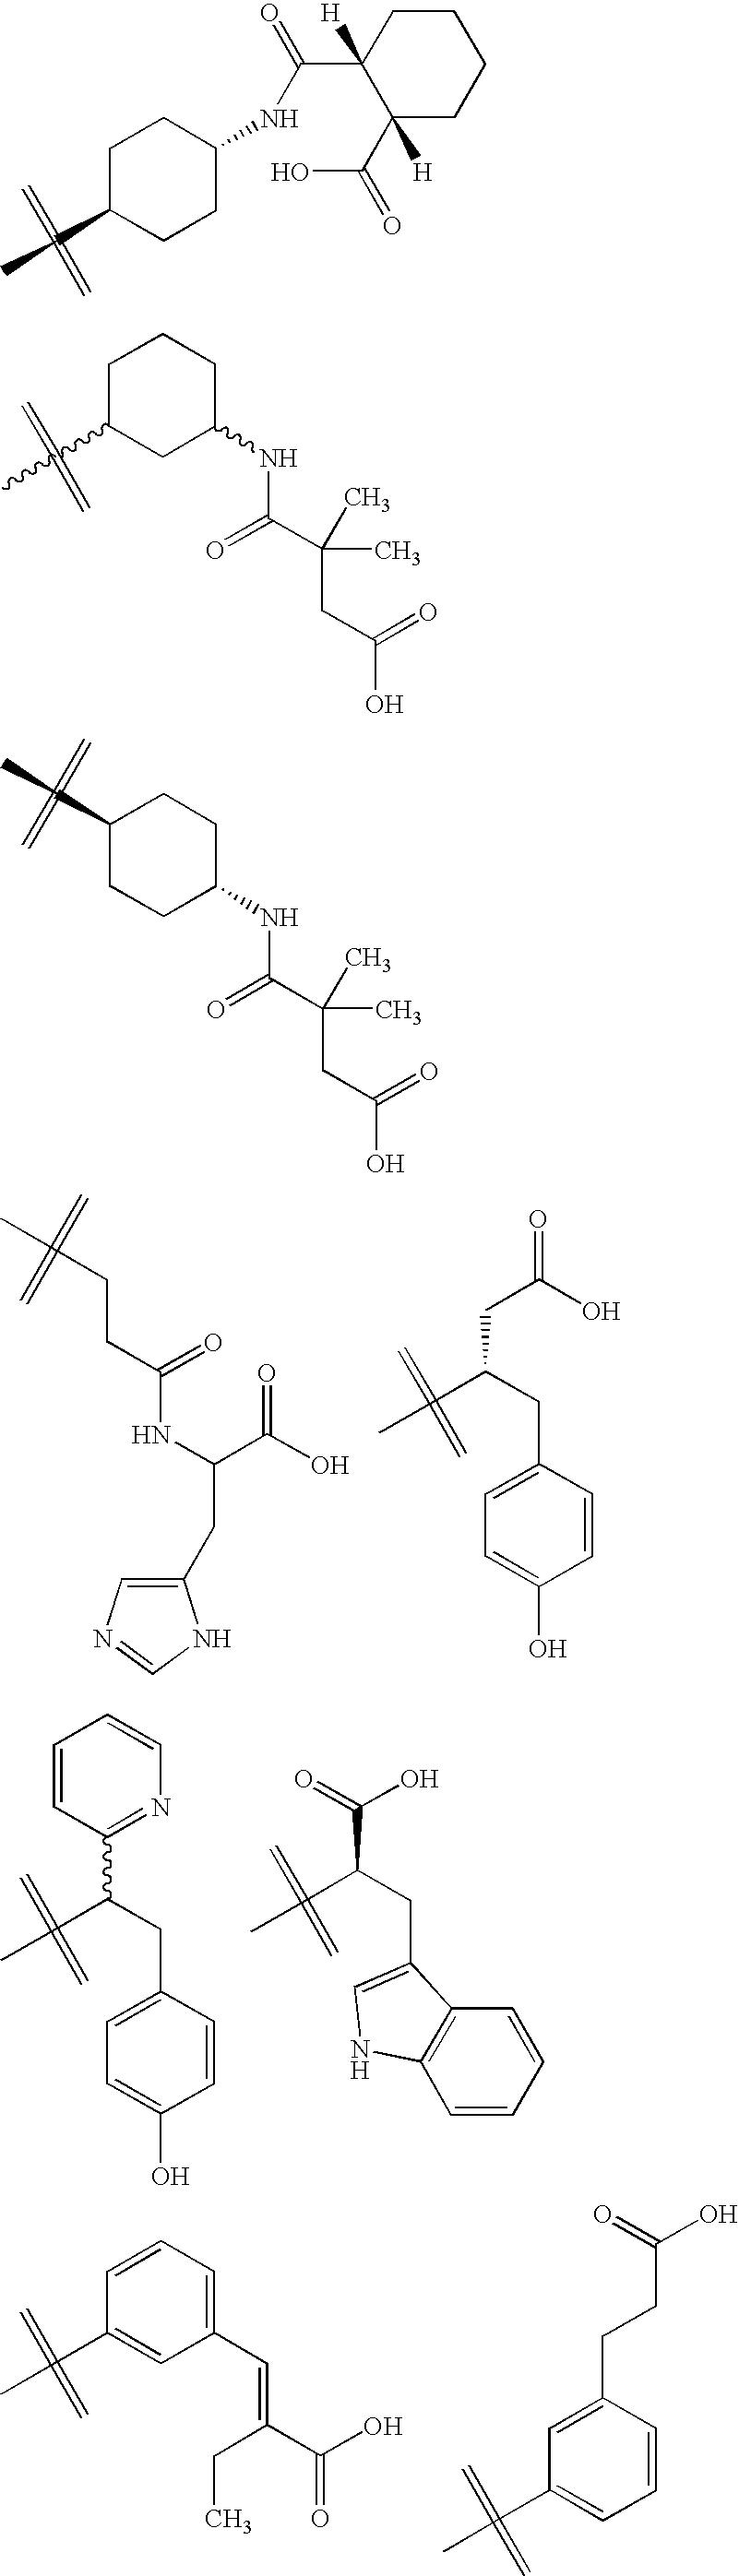 Figure US20070049593A1-20070301-C00104